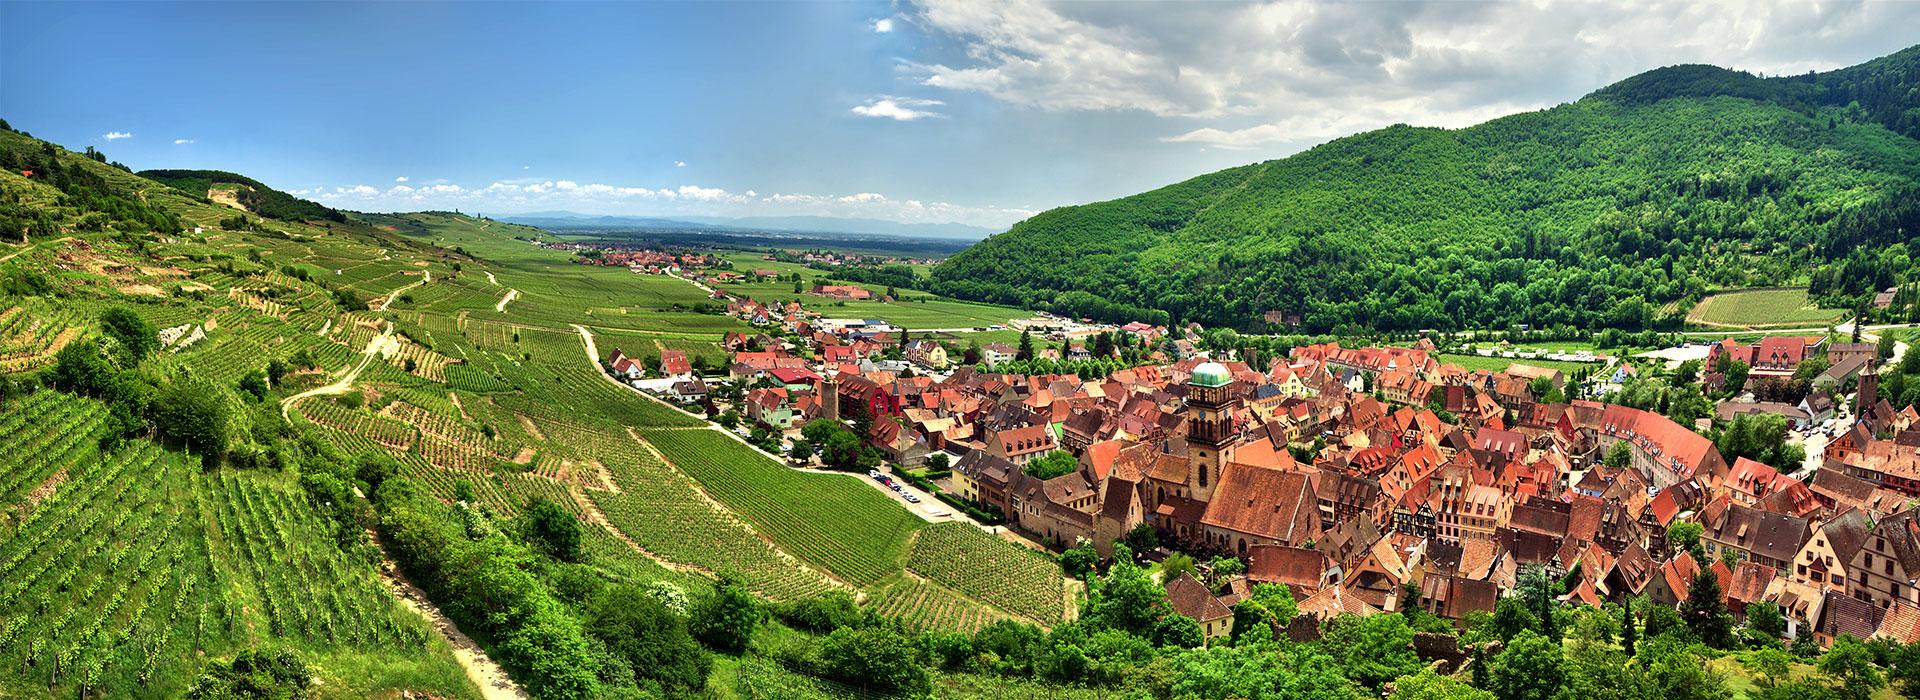 Route des Vins, Alsace, Voyages, agence de voyages, agence réceptive, Lisela, Grand Est